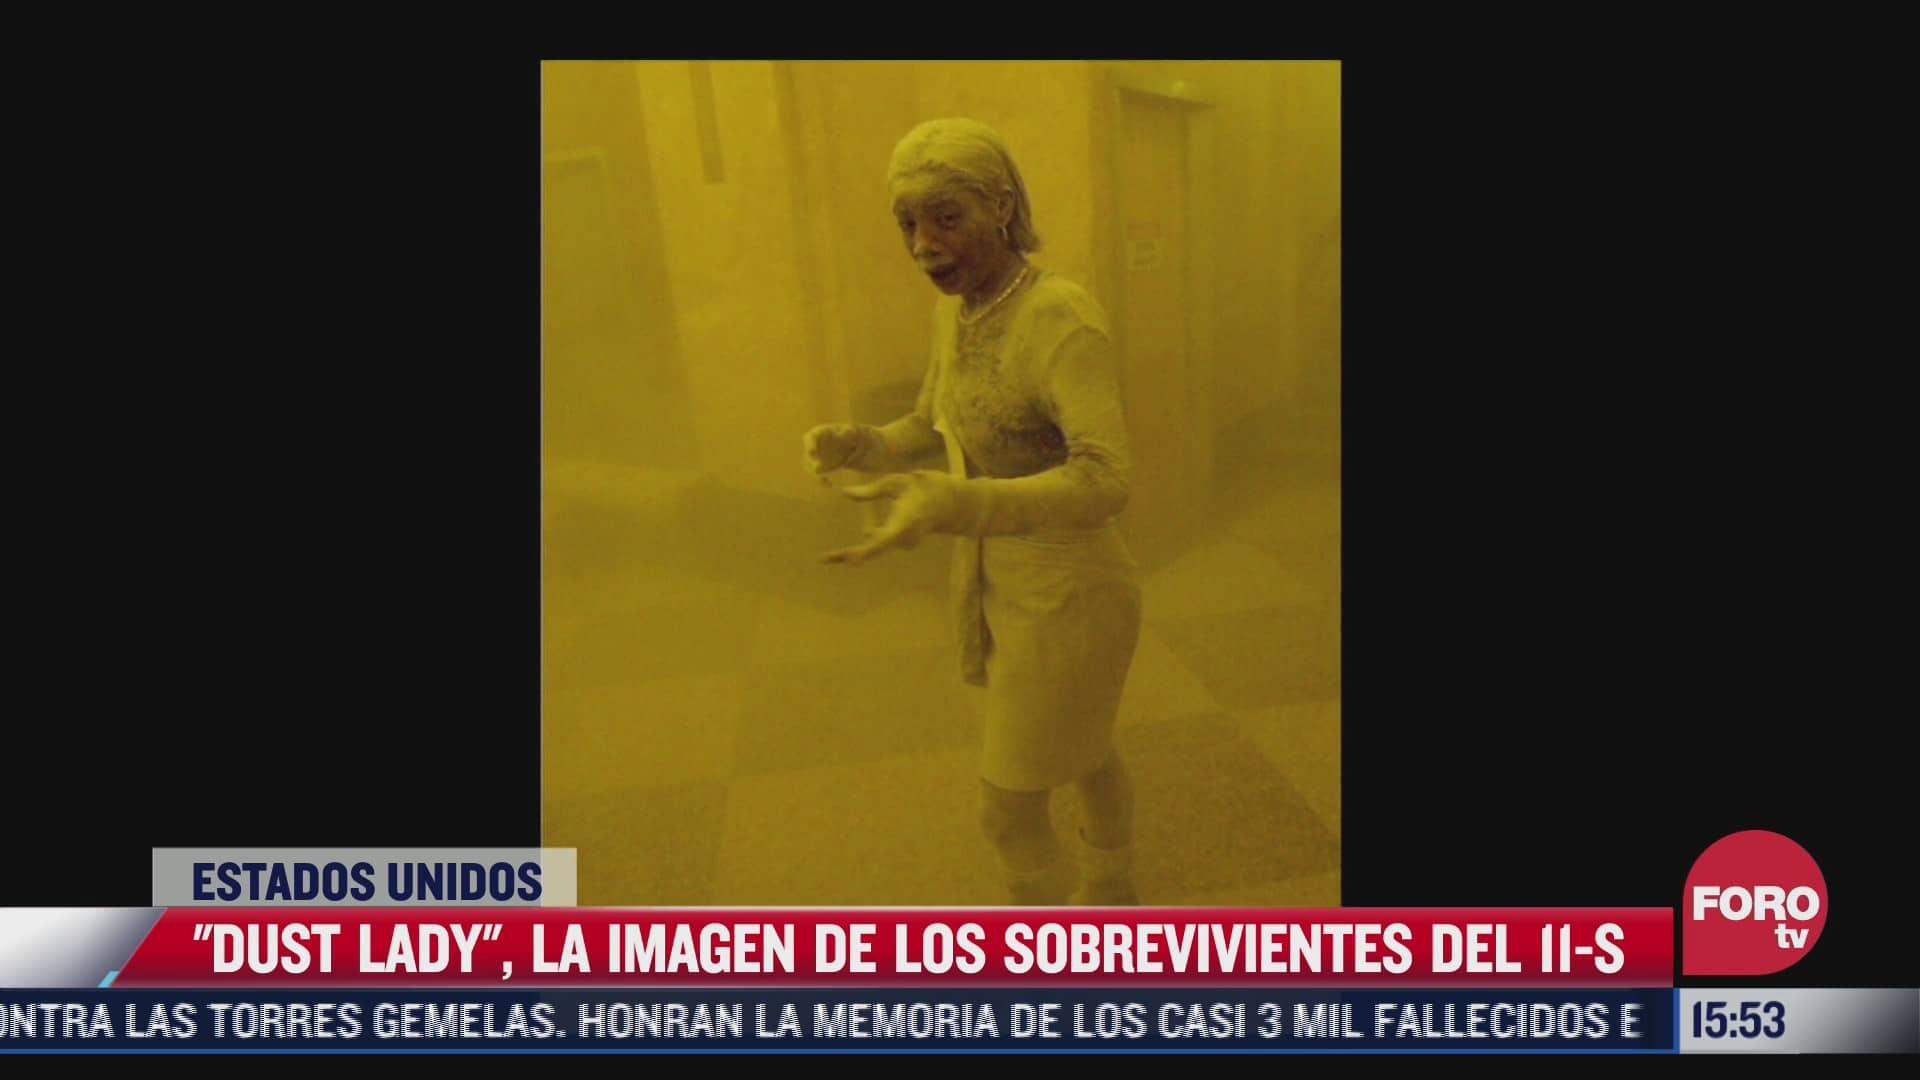 dust lady la imagen de los sobrevivientes del 11 s